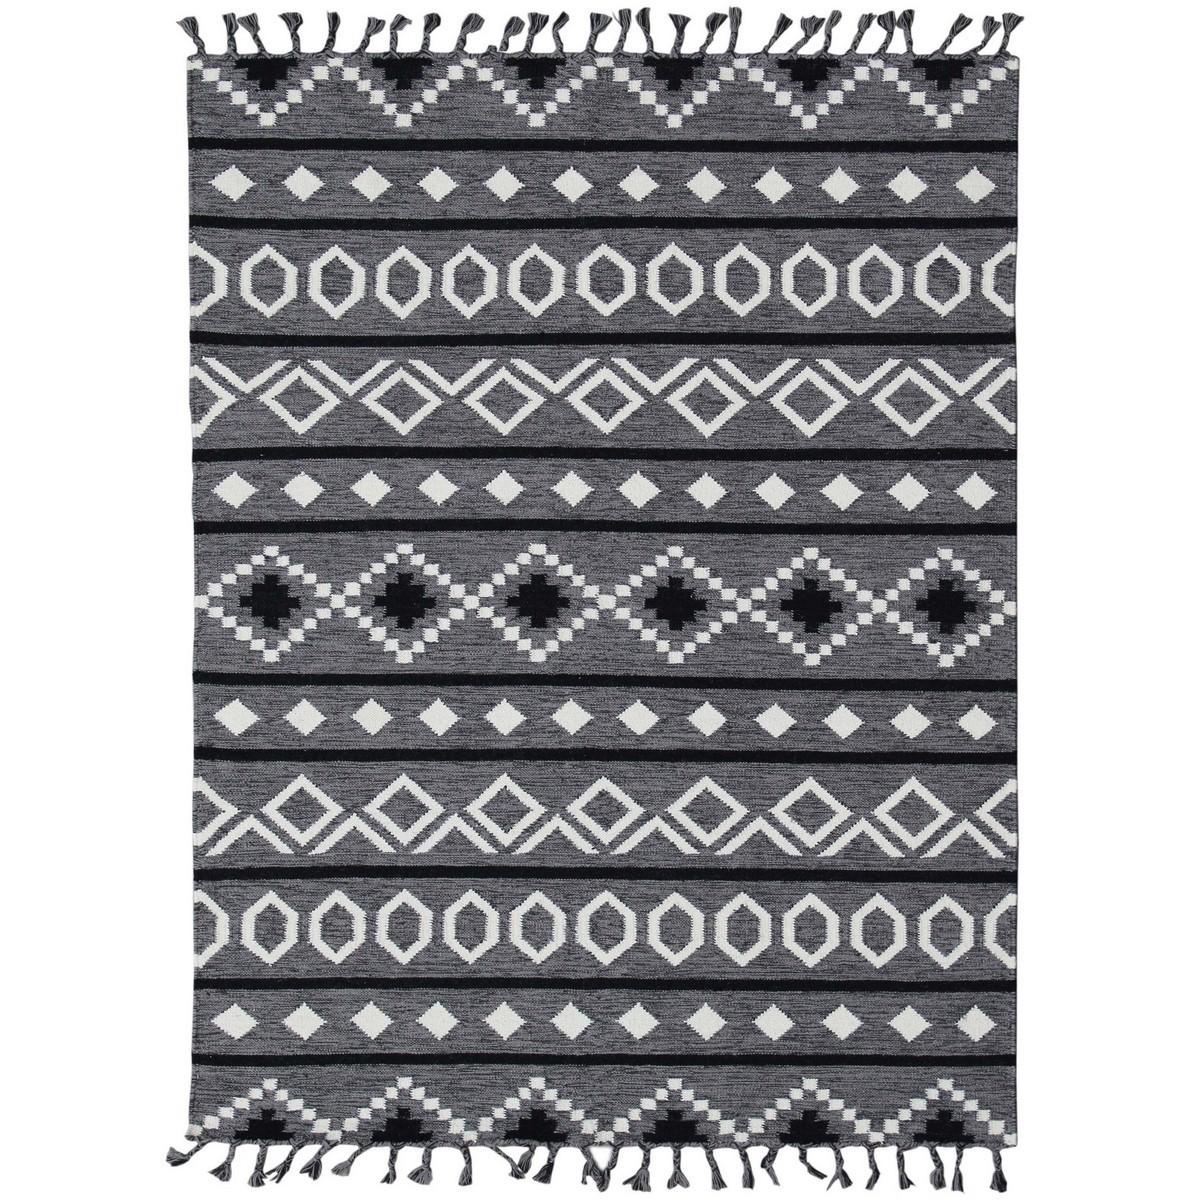 Artifact Handwoven Wool Rug , 160x230cm, Grey